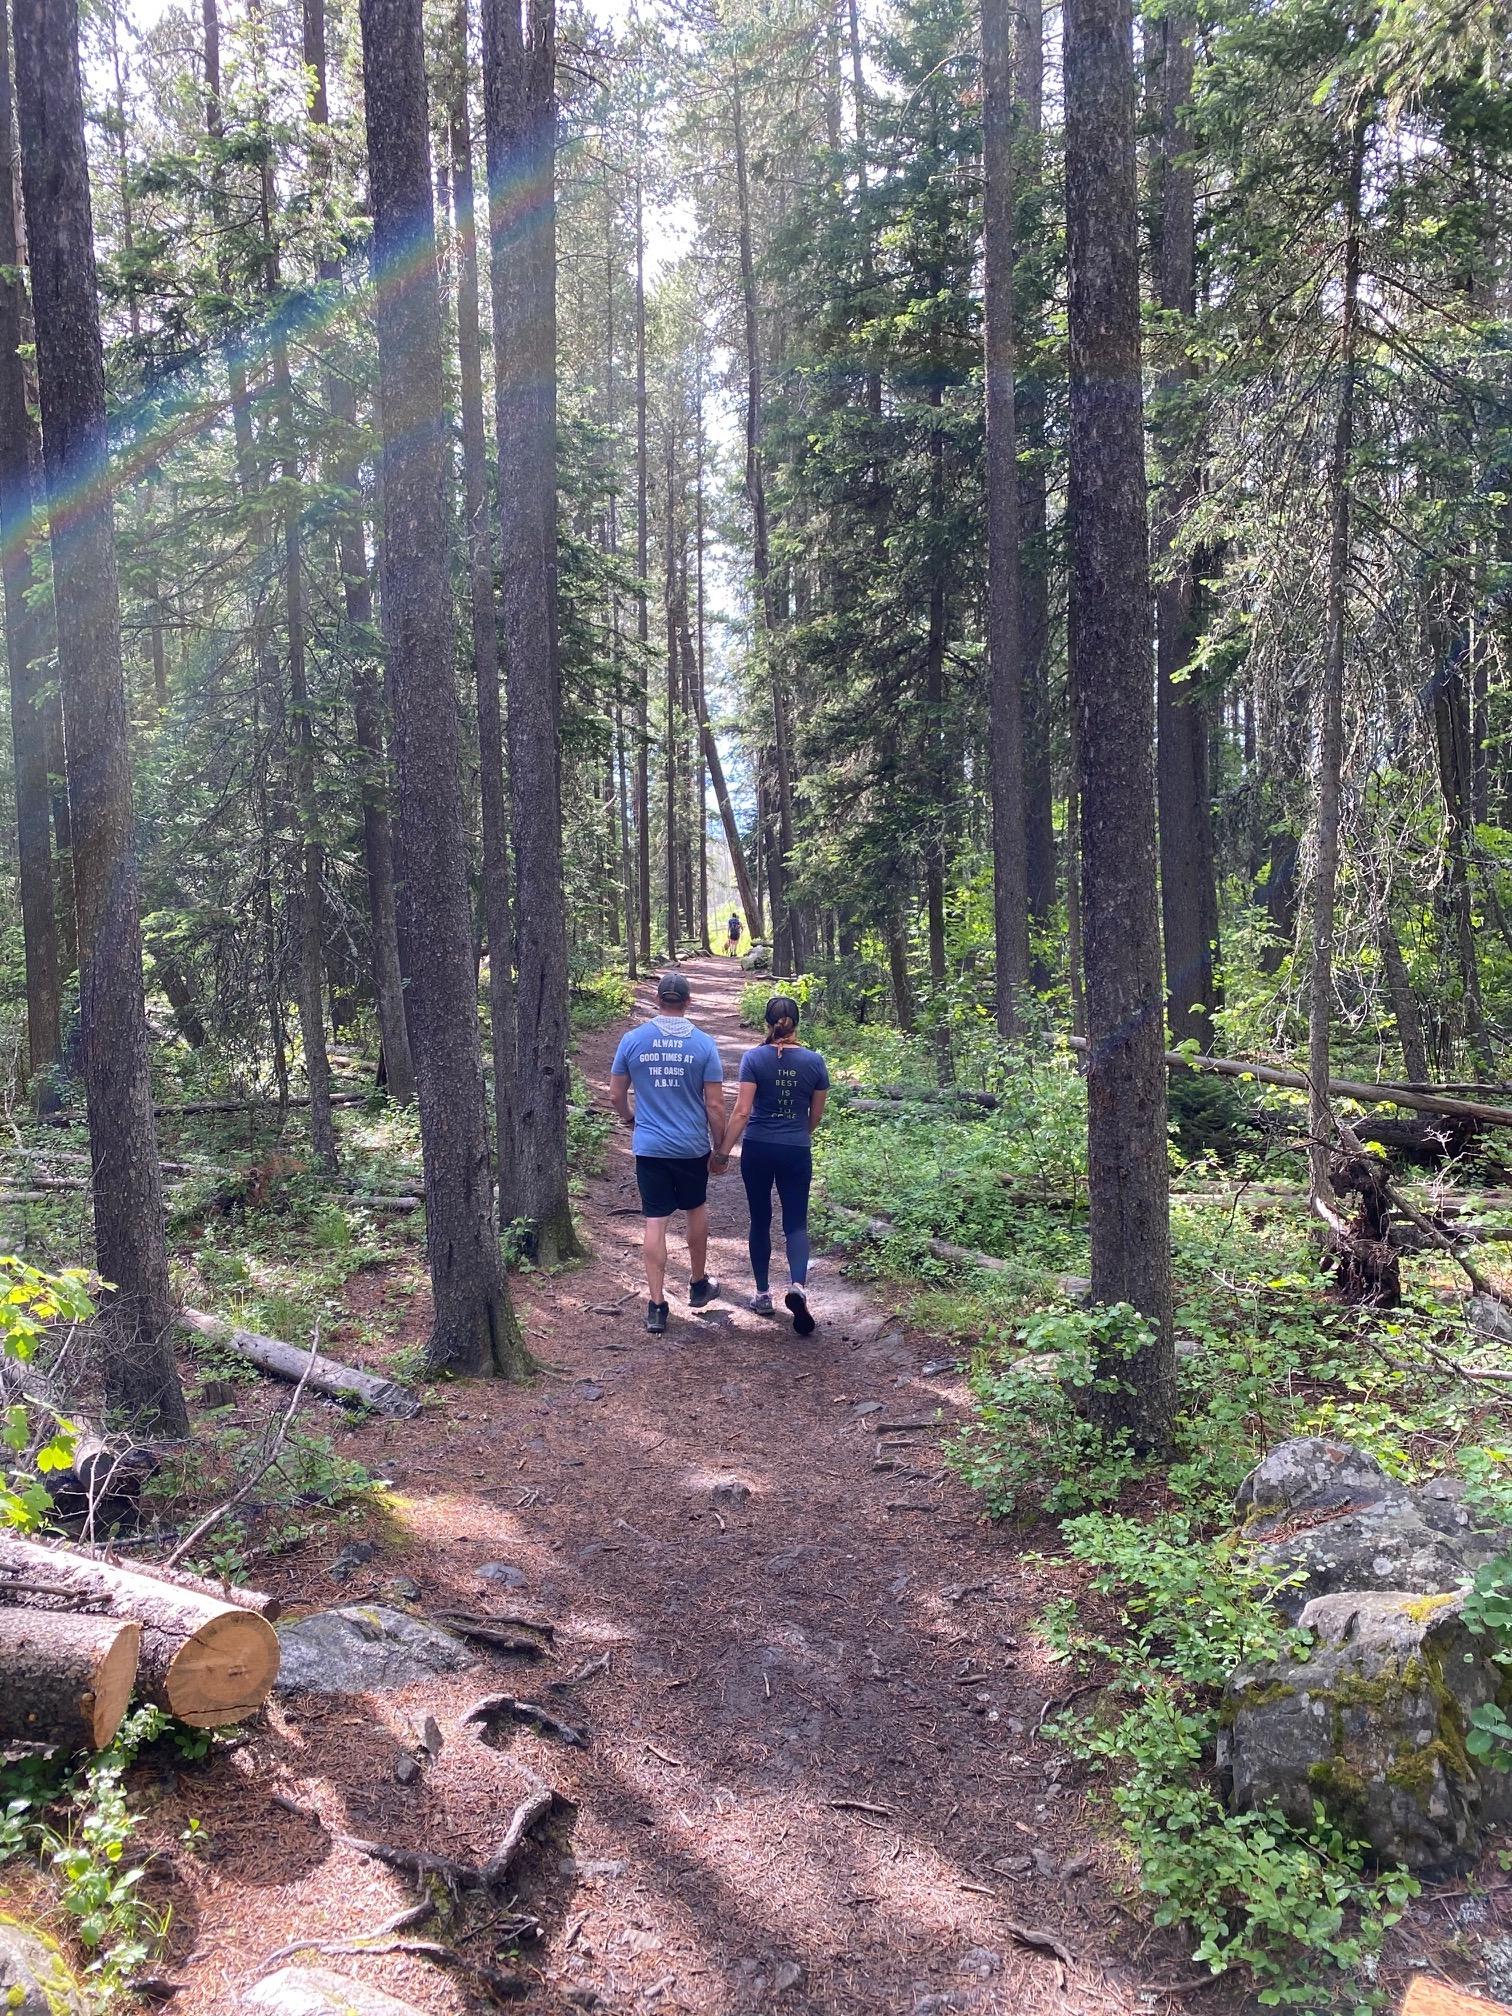 Friends walking in the woods